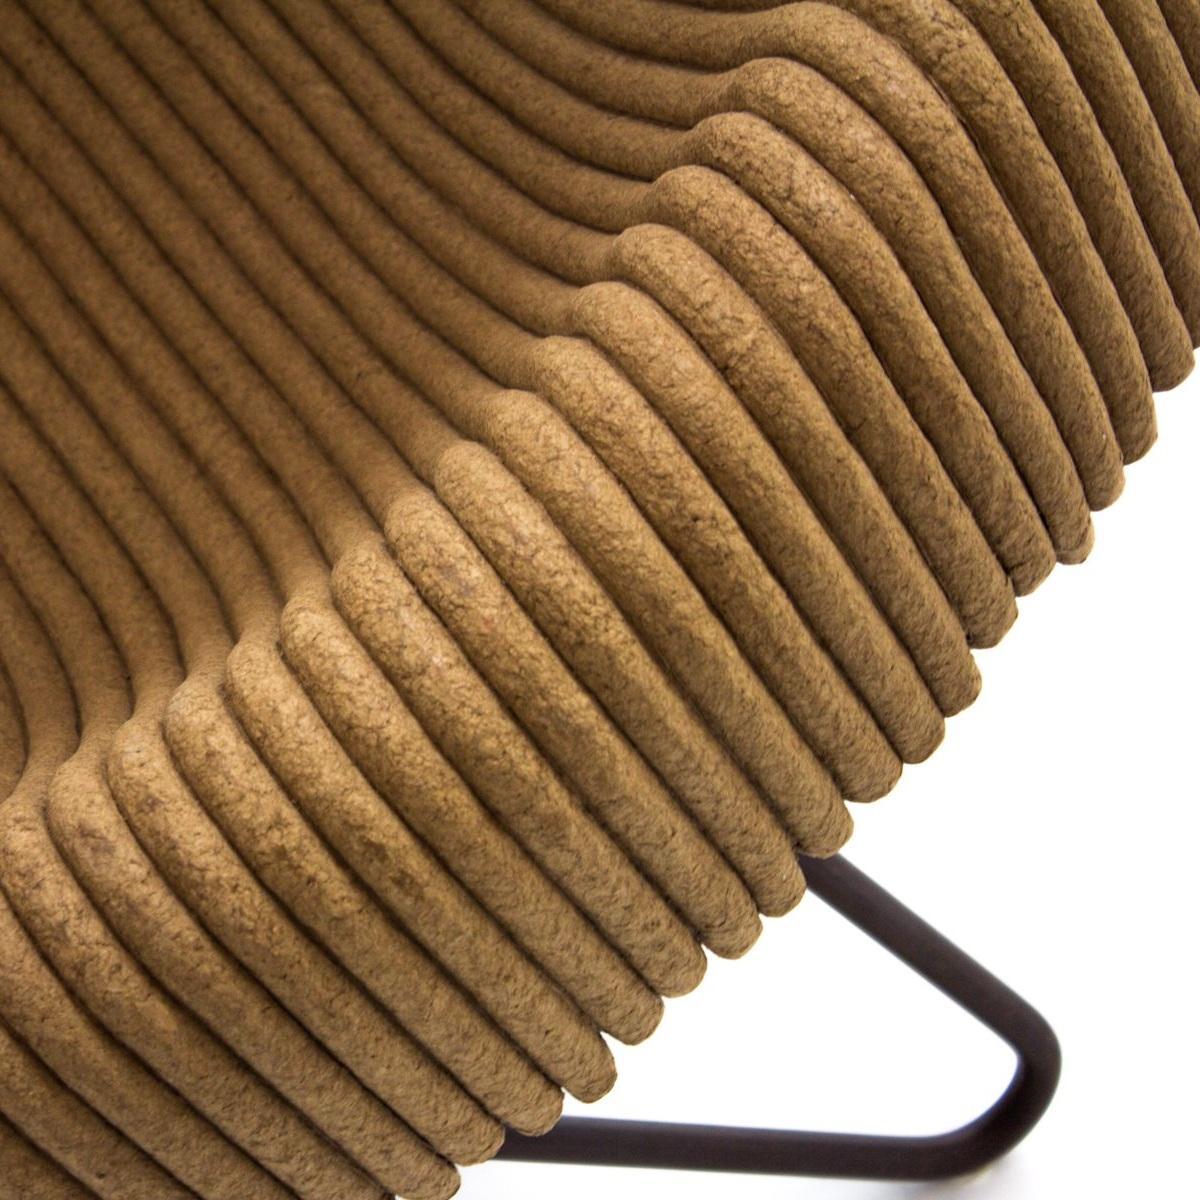 leiras-chair-by-domingos-totora-4 (1).jpg